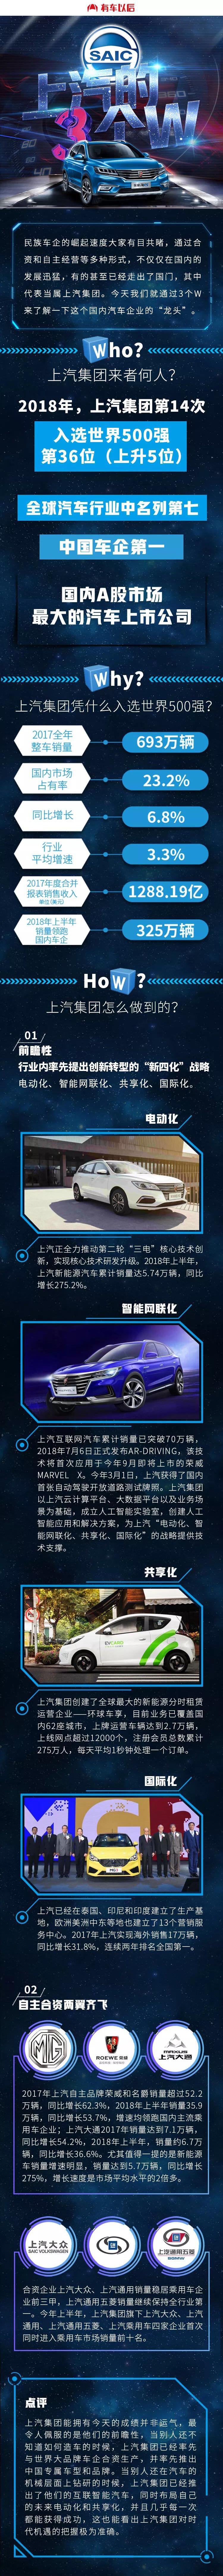 民族车企崛起!世界汽车强手也有中国一席之地